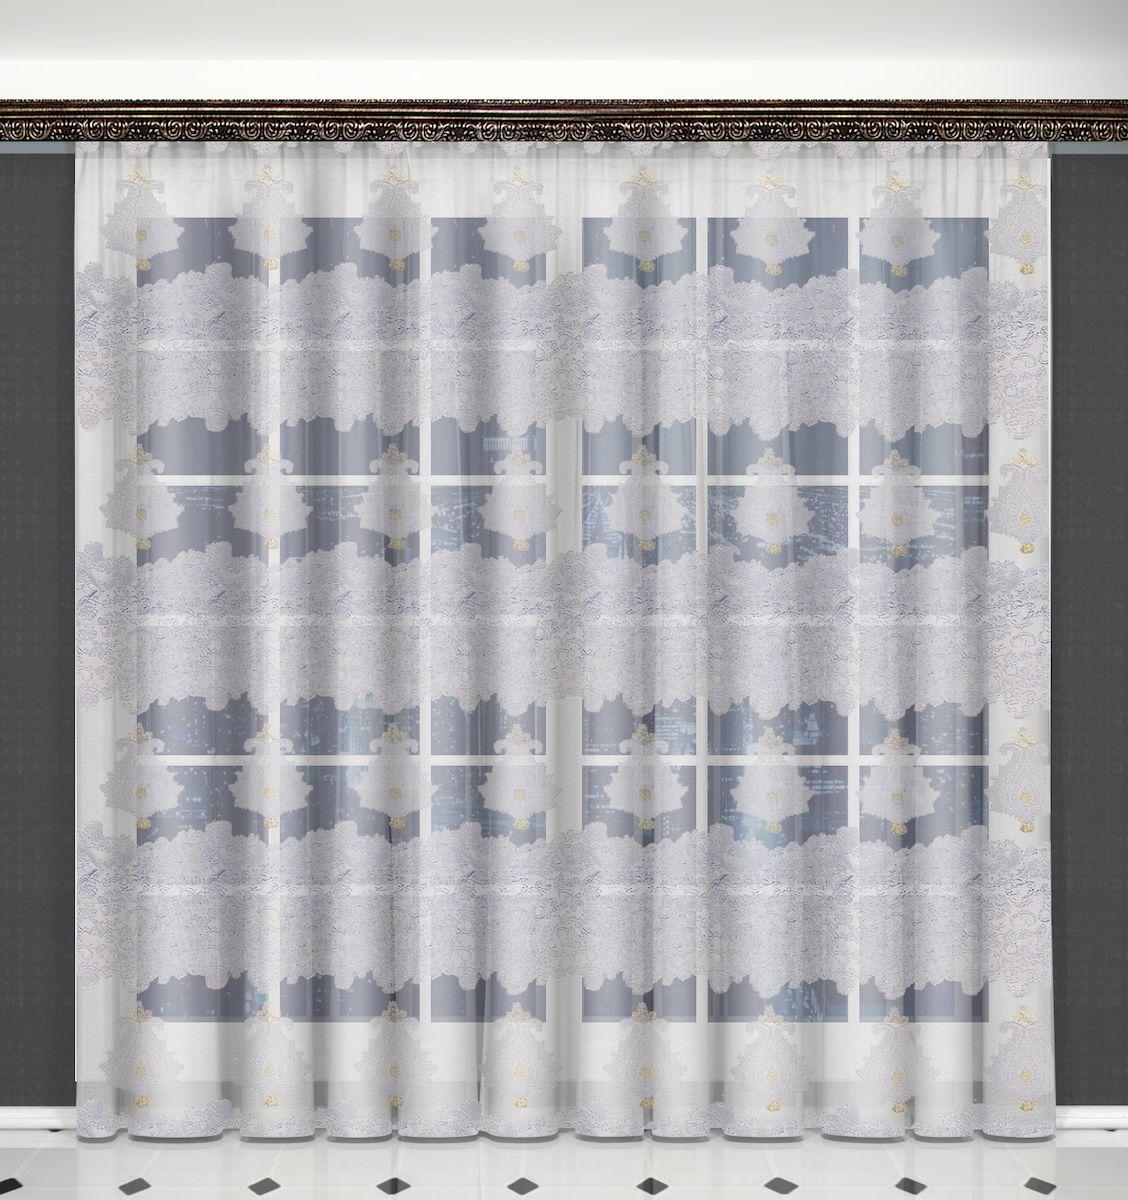 Тюль Zlata Korunka, на ленте, цвет: белый, золотистый, высота 270 см. 556293111512630Тюль Zlata Korunka, изготовленный из полиэстера, великолепно украсит любое окно. Воздушная ткань и оригинальный орнамент привлекут к себе внимание и органично впишутся в интерьер помещения. Полиэстер - вид ткани, состоящий из полиэфирных волокон. Ткани из полиэстера - легкие, прочные и износостойкие. Такие изделия не требуют специального ухода, не пылятся и почти не мнутся.Тюль крепится на карниз при помощи ленты, которая поможет красиво и равномерно задрапировать верх. Такой тюль идеально оформит интерьер любого помещения.